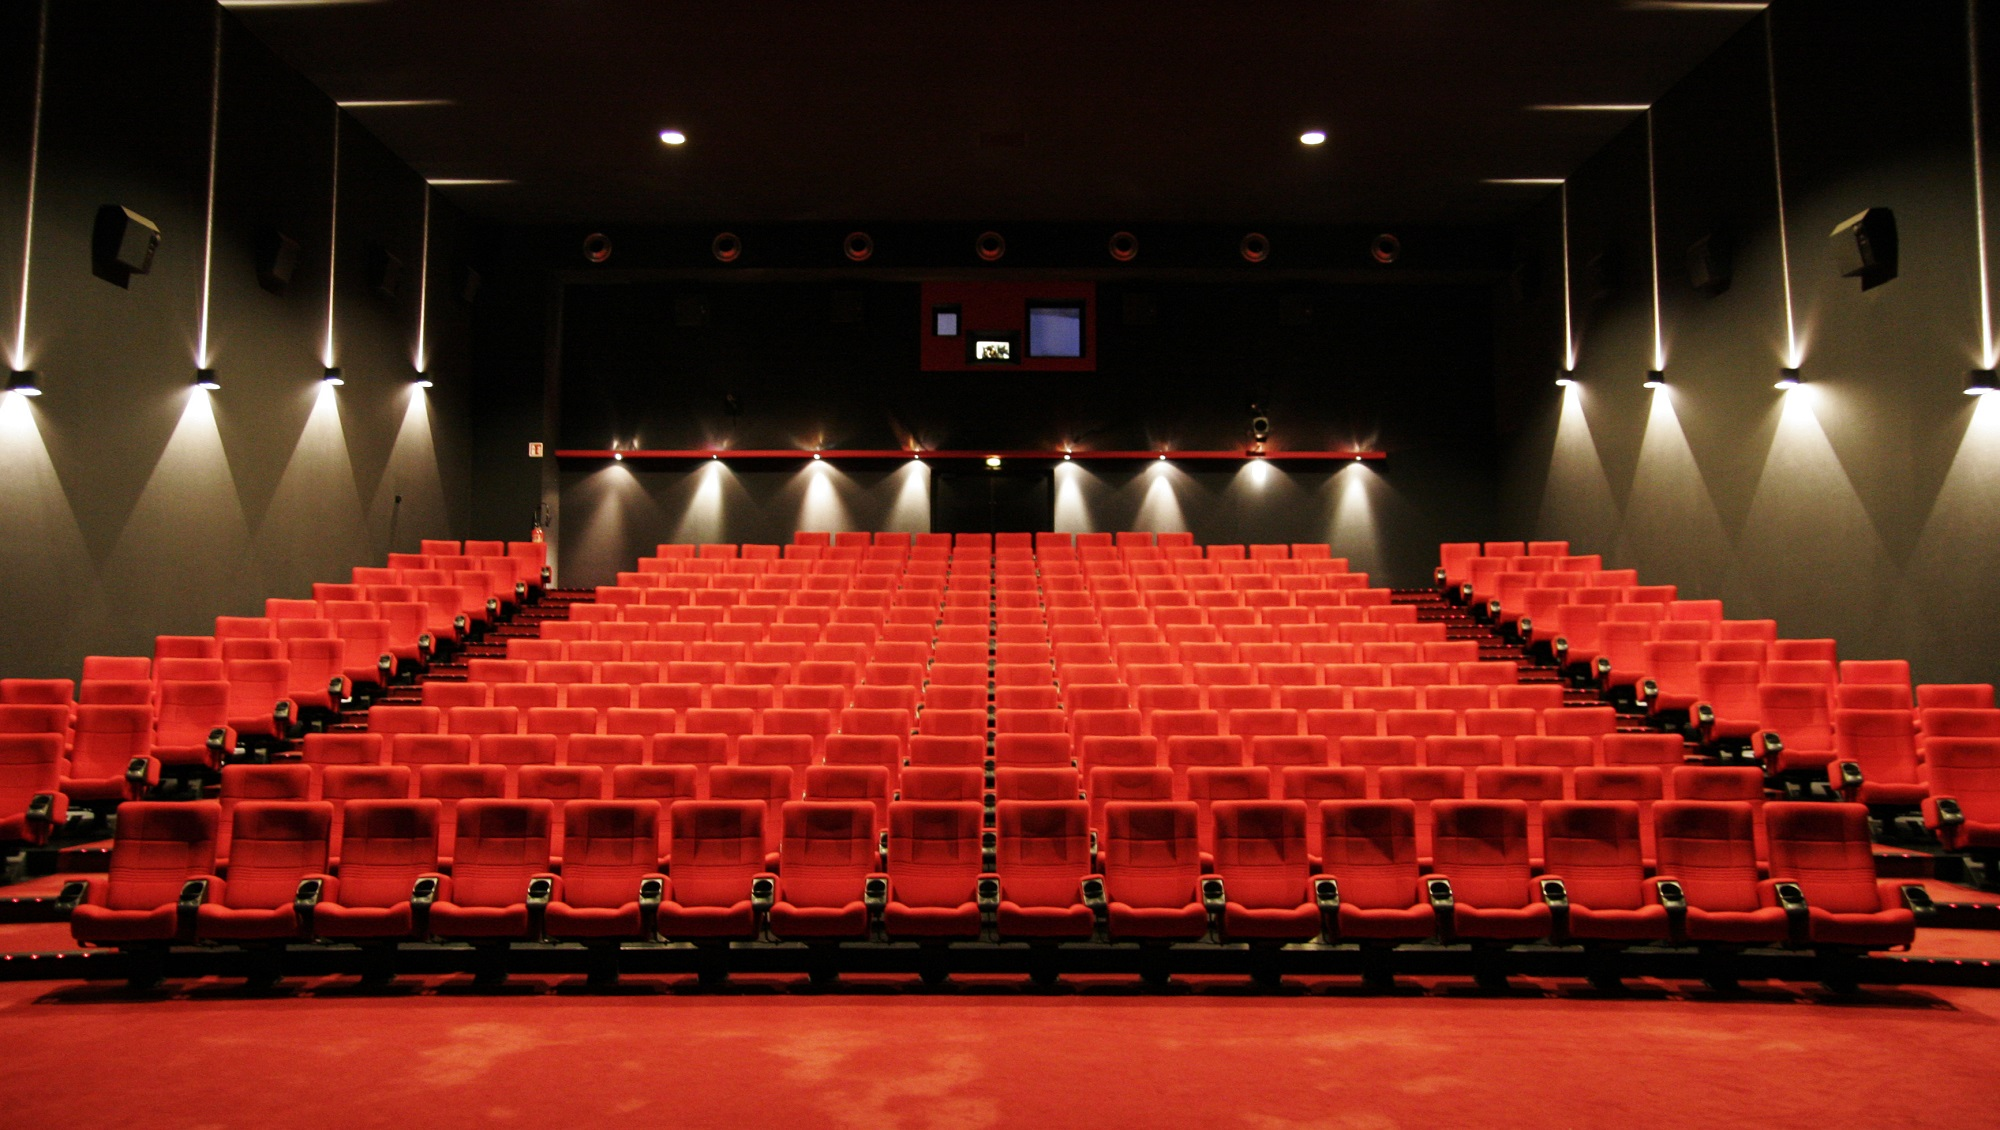 Il y a d sormais plus de salles de cin ma en chine qu 39 aux tats unis bu - Construire sa salle de cinema ...